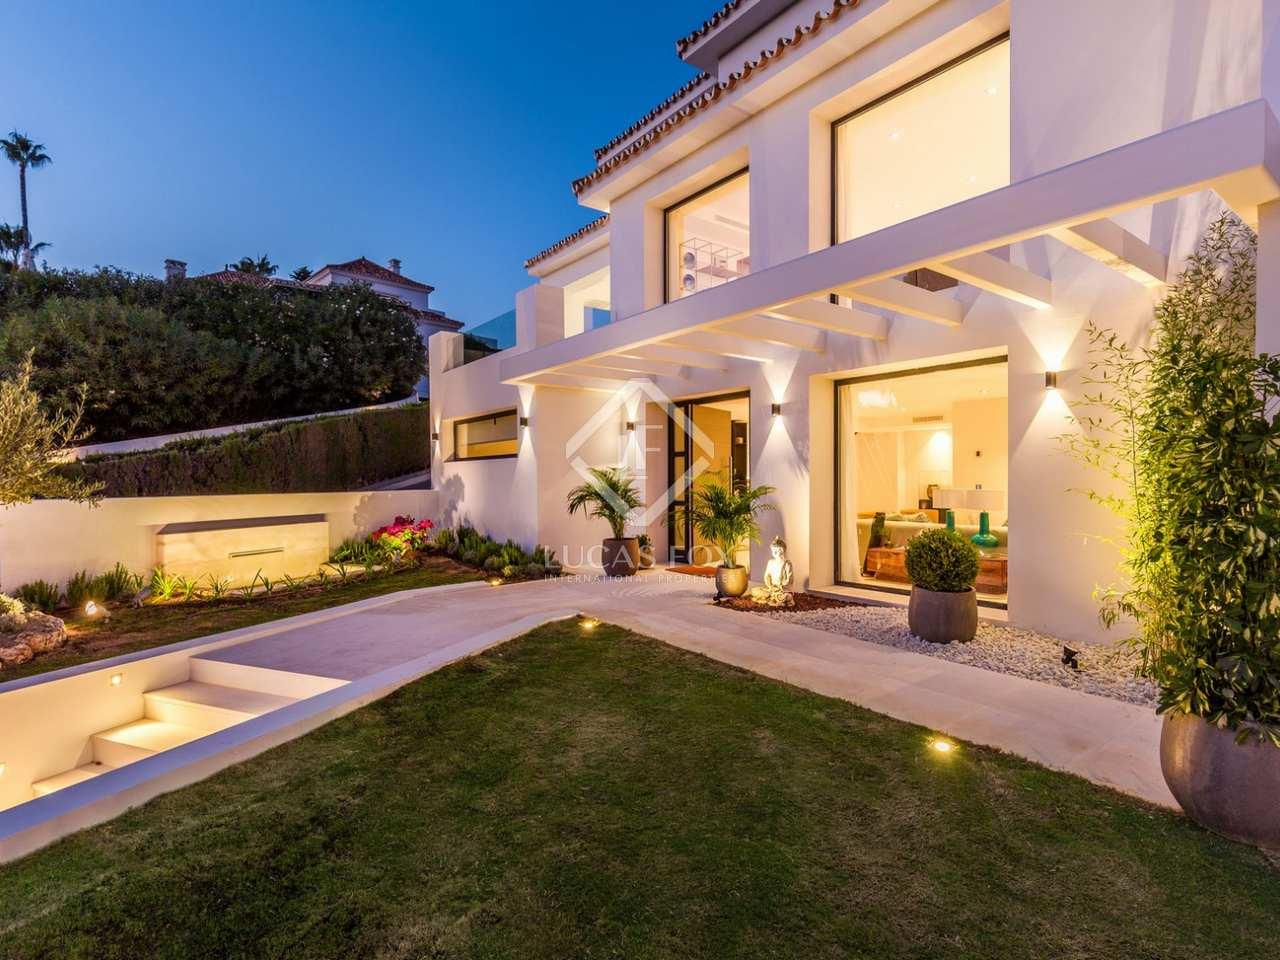 Villa de 495m con terrazas en venta en nueva andaluc a for Terrazas 1280 a